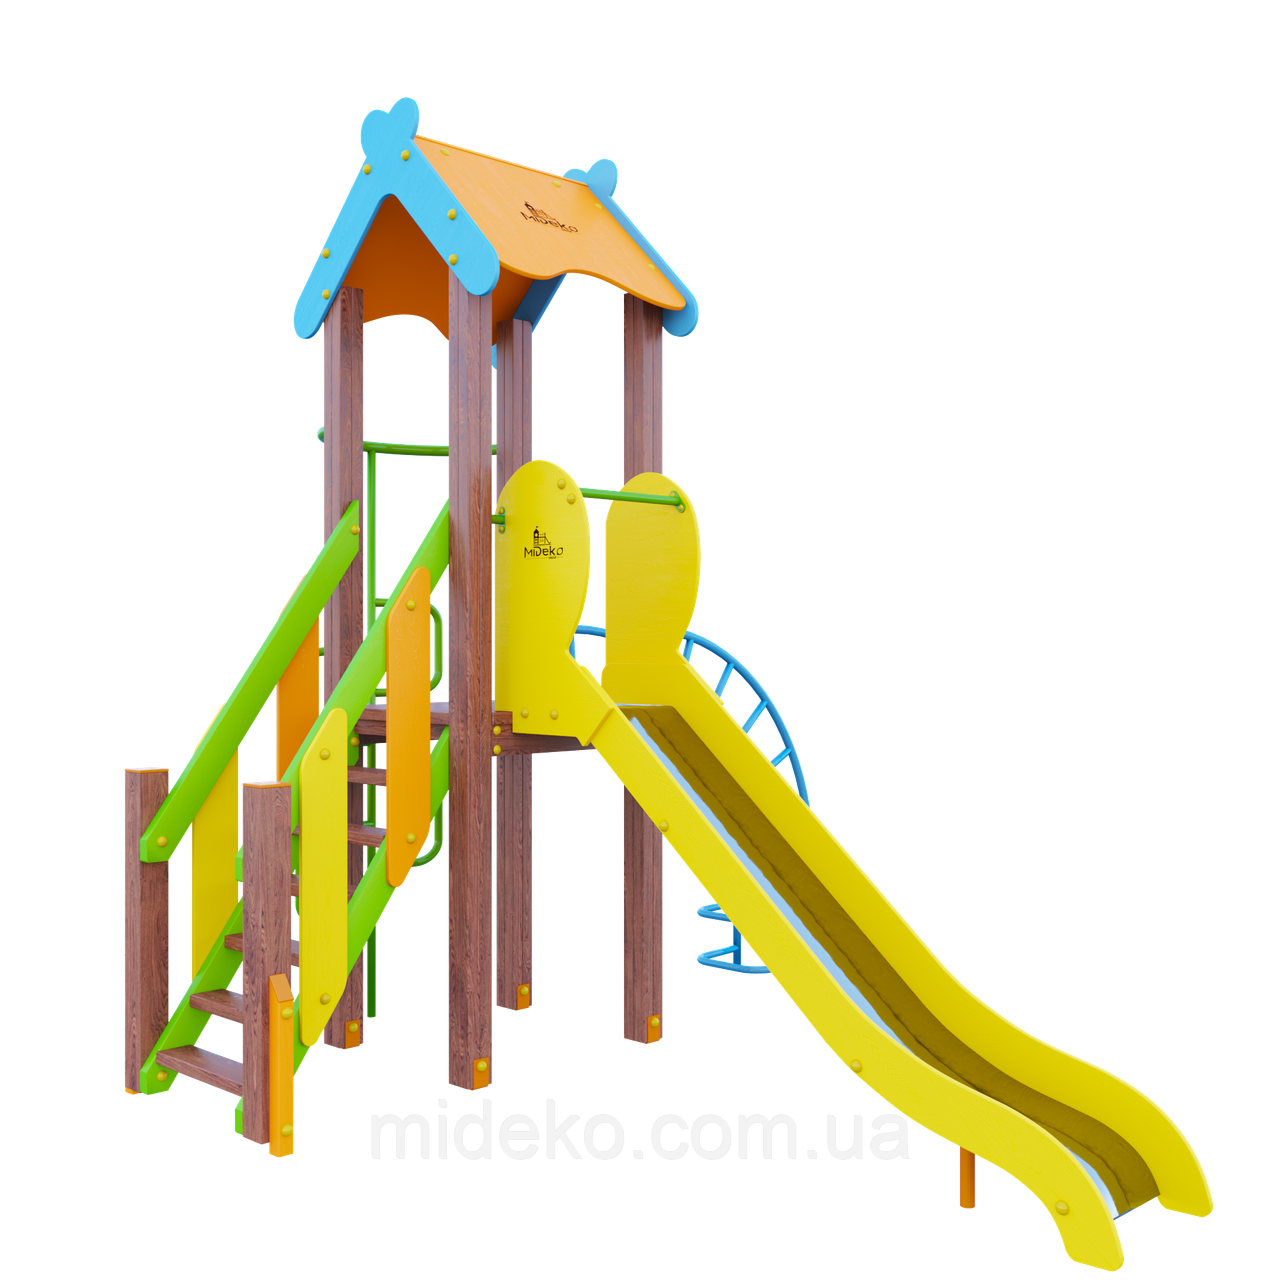 """Ігровий комплекс """"Поллі"""" MIDEKO 120"""